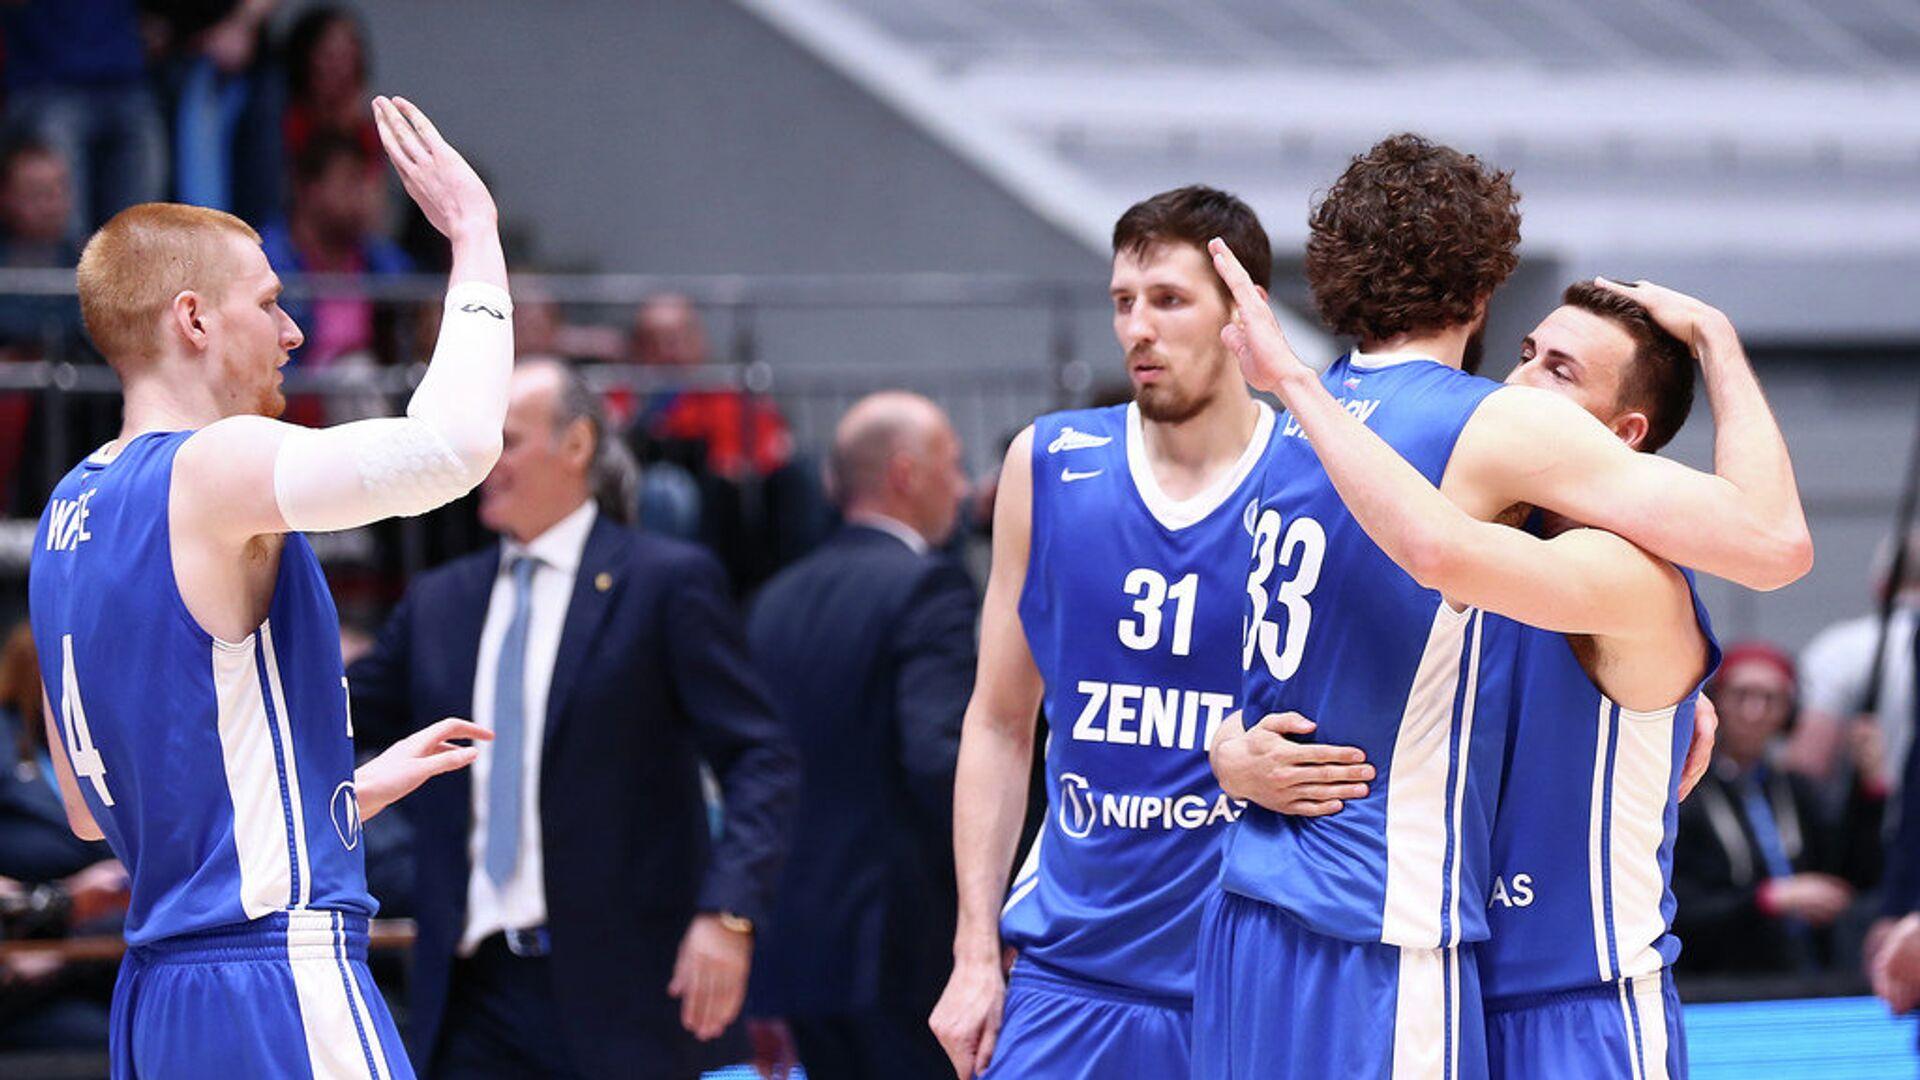 Баскетболисты Зенита радуются победе над Химками - РИА Новости, 1920, 18.01.2021